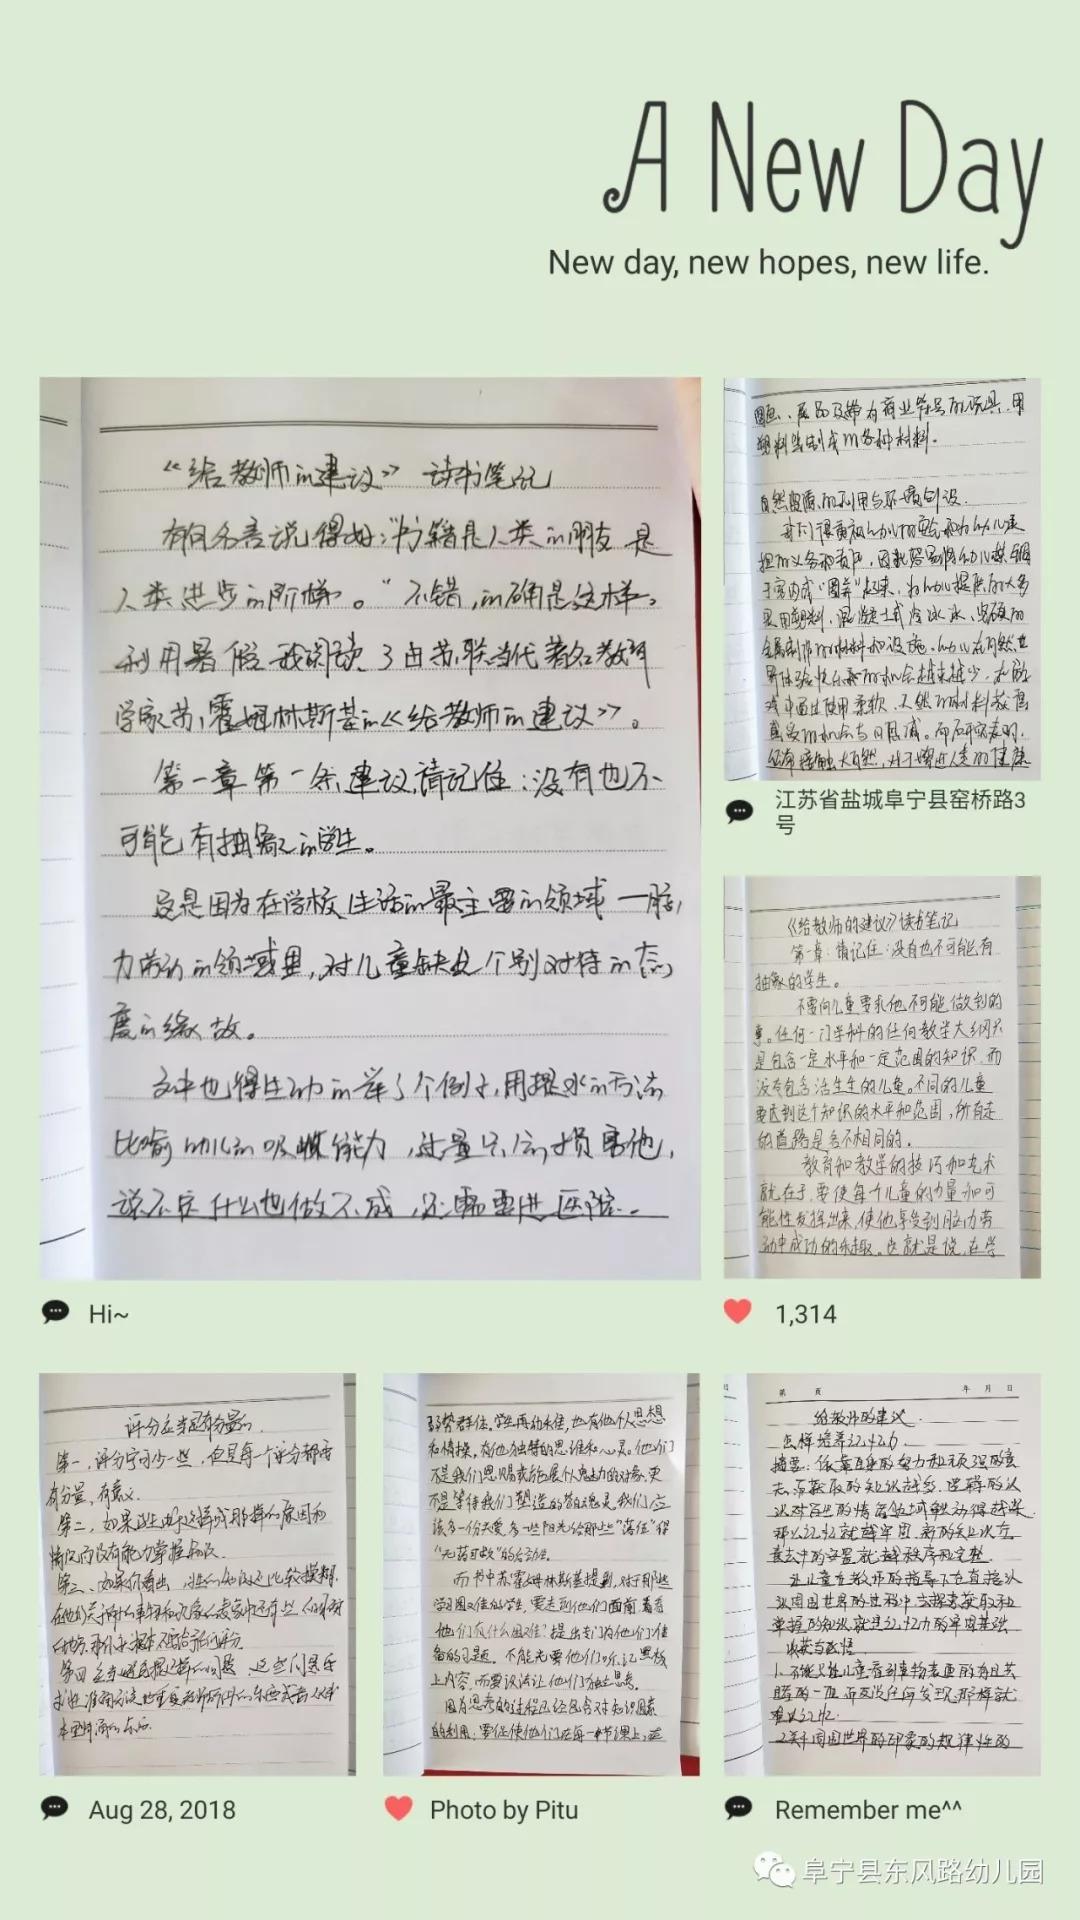 幼儿园大班教育笔记35篇完美版doc下载_爱问共享资料